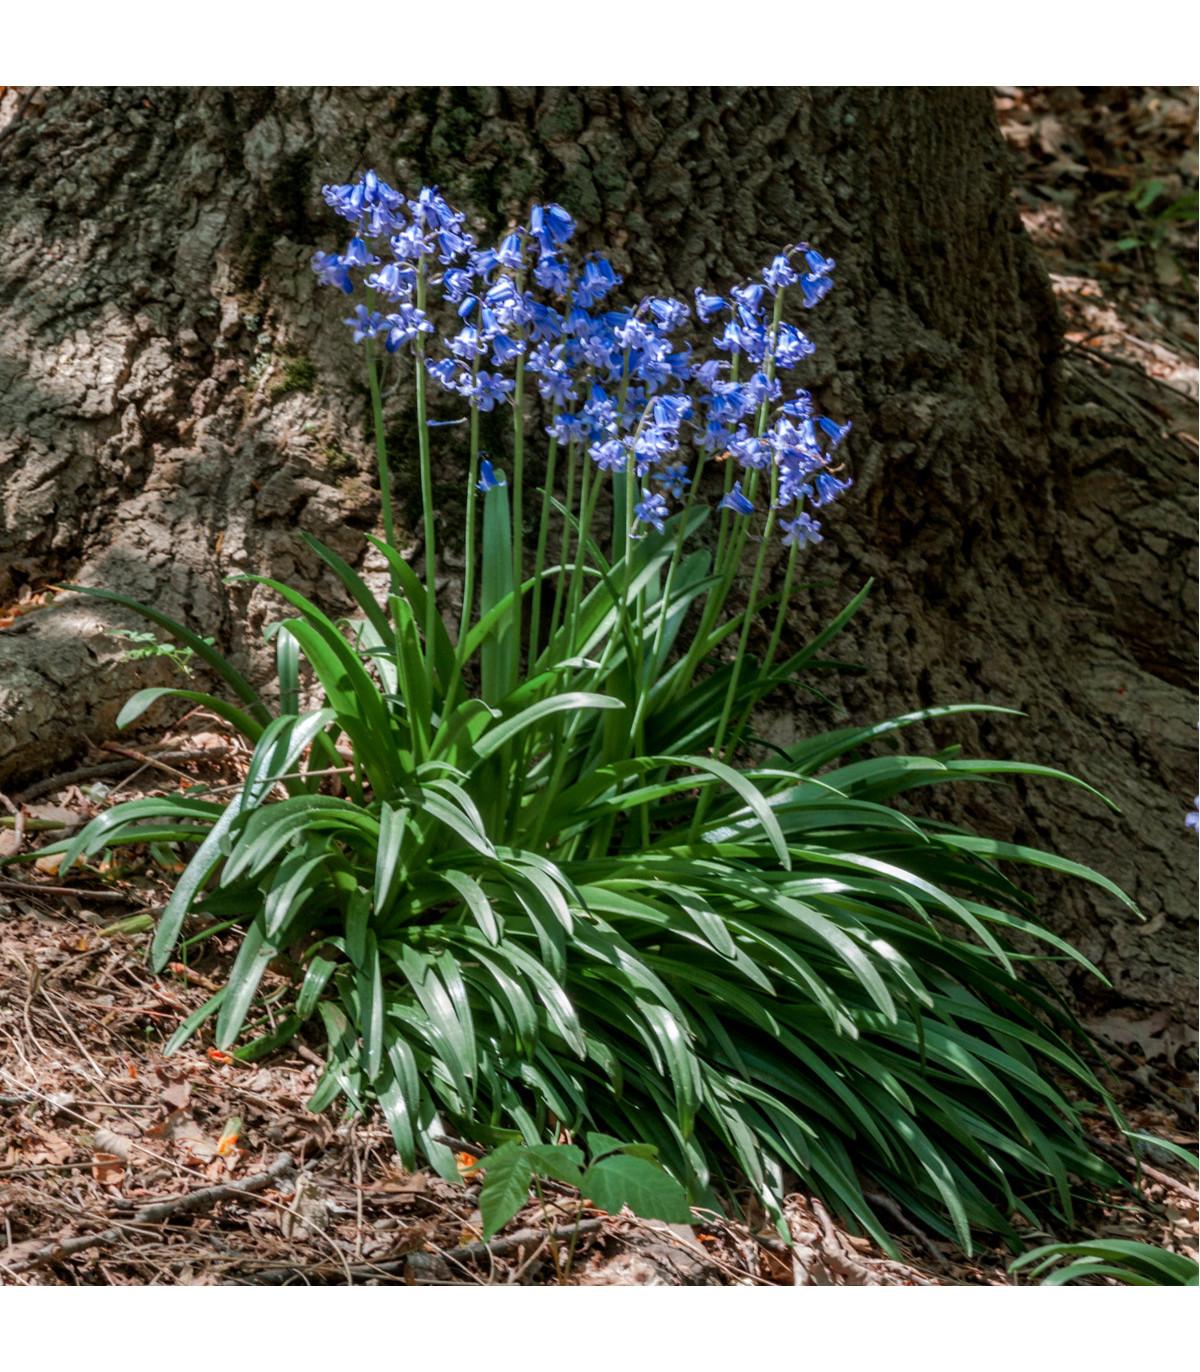 Hyacintek španělský - Hyacinthoides hispanica - holandské cibulky - 2 ks